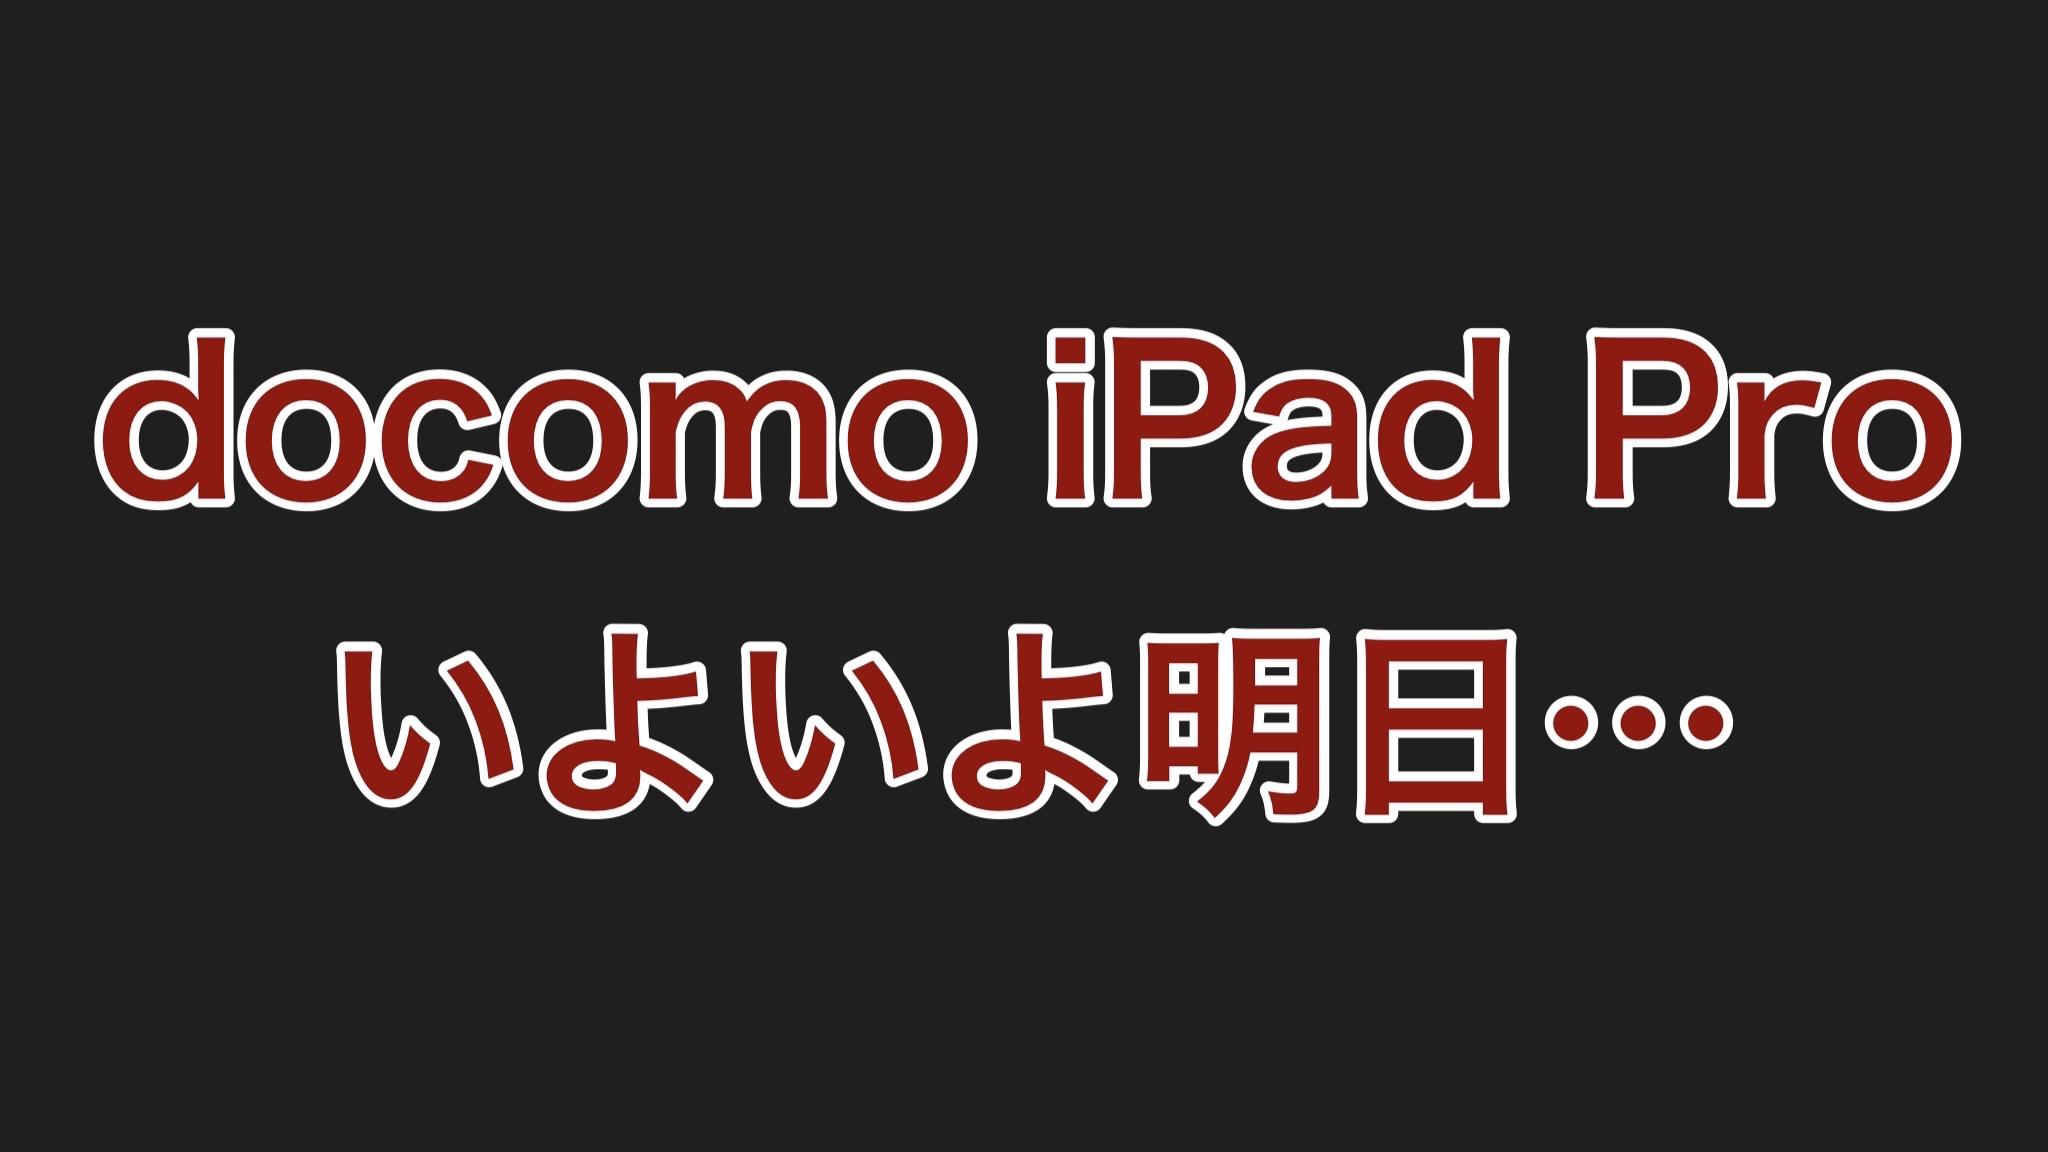 【終報】docomoで予約したiPad Pro、いよいよ明日受け取りに行きます!